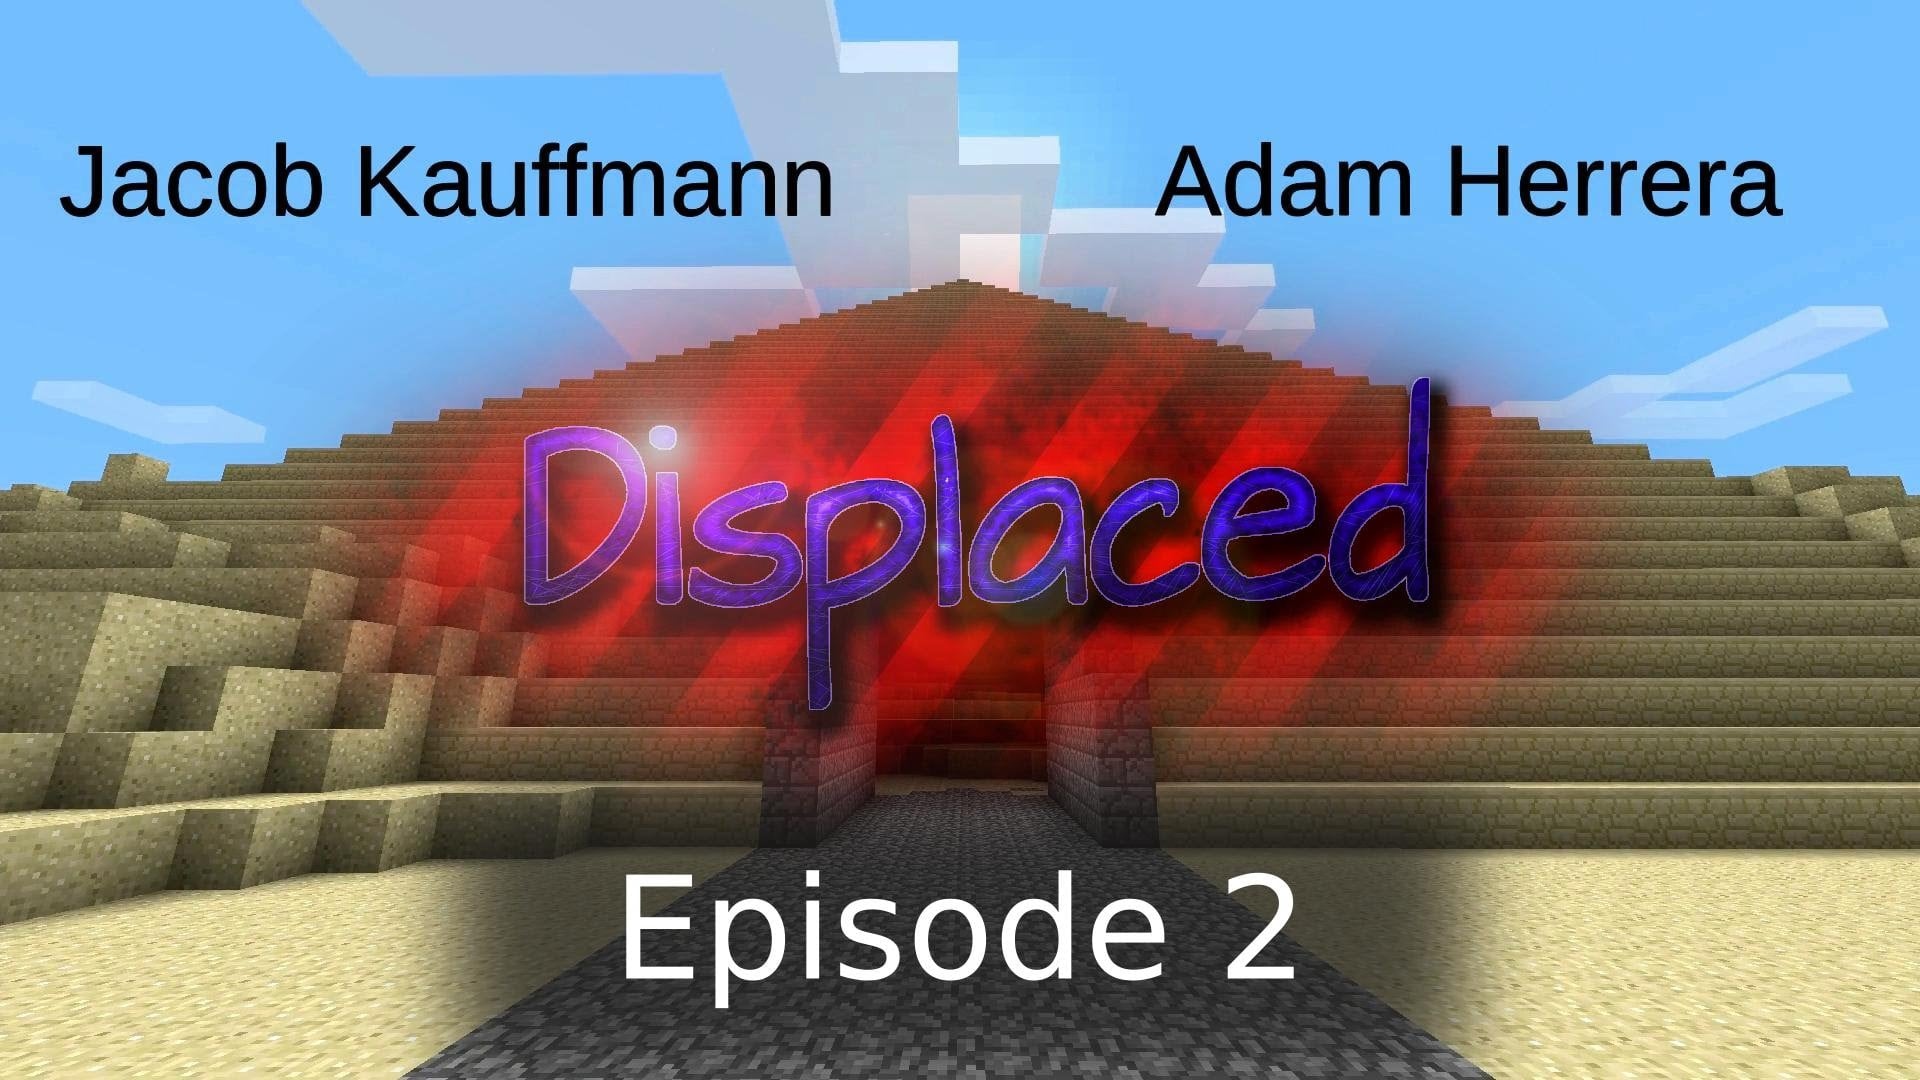 Episode 2 - Displaced